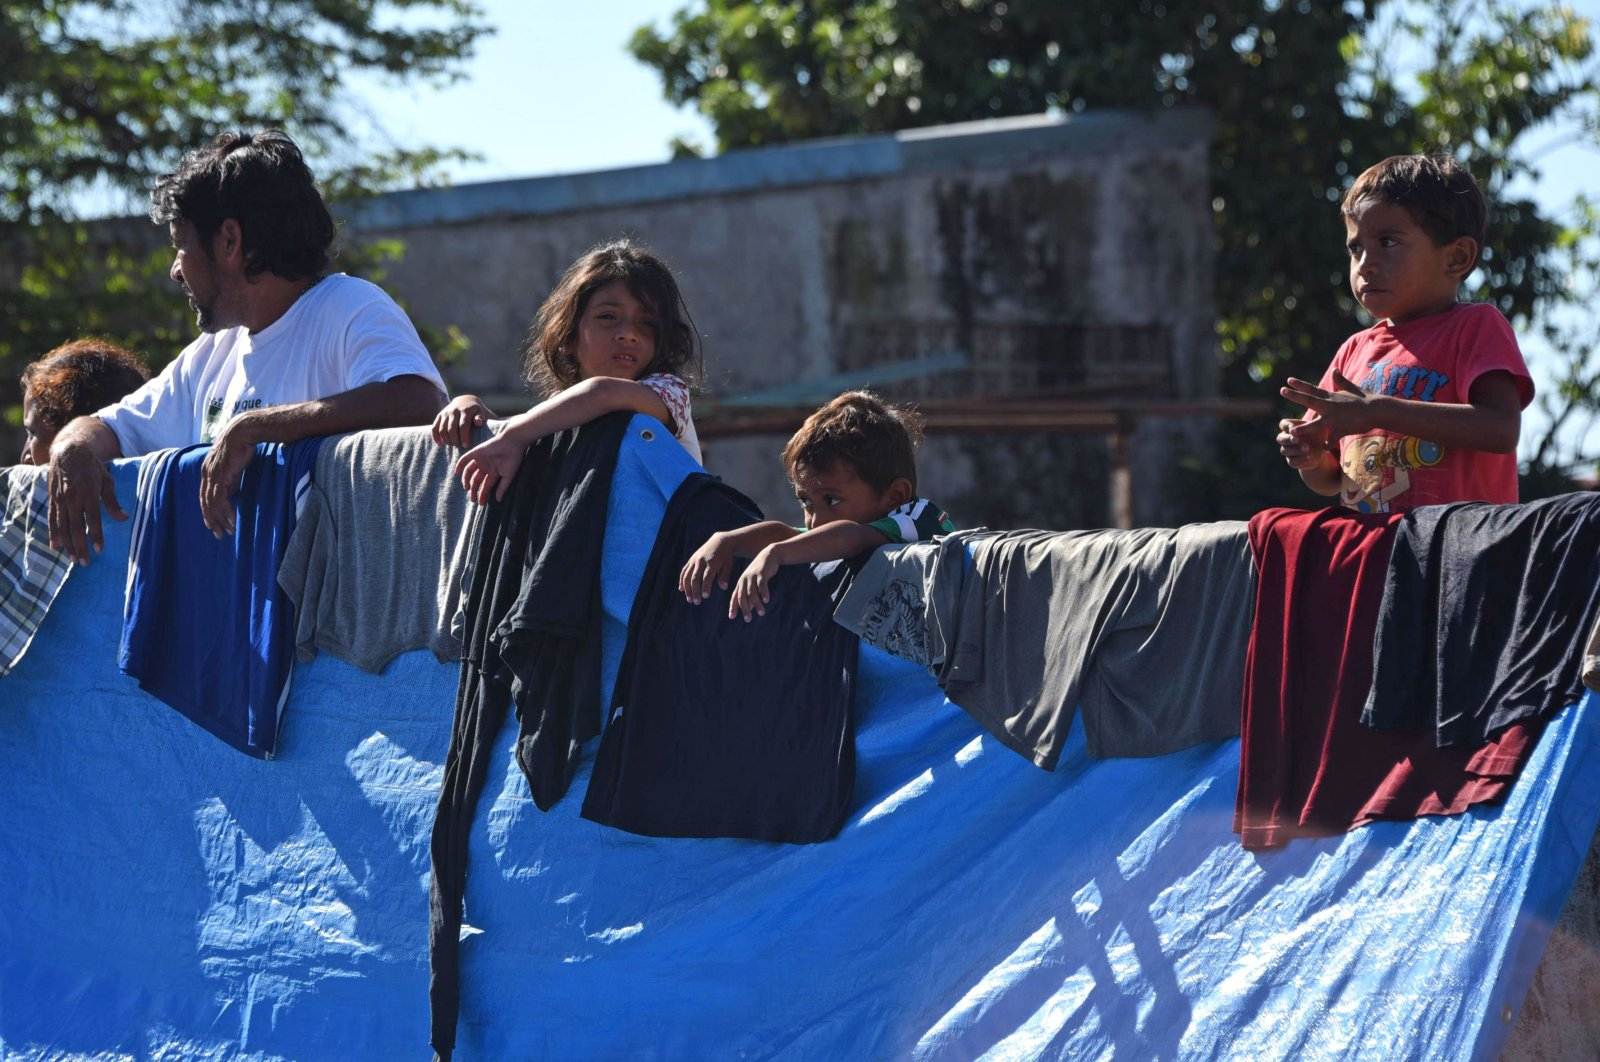 Honduran migrants head to the U.S., Huixtla, Oct. 23, 2018. (AFP Photo)